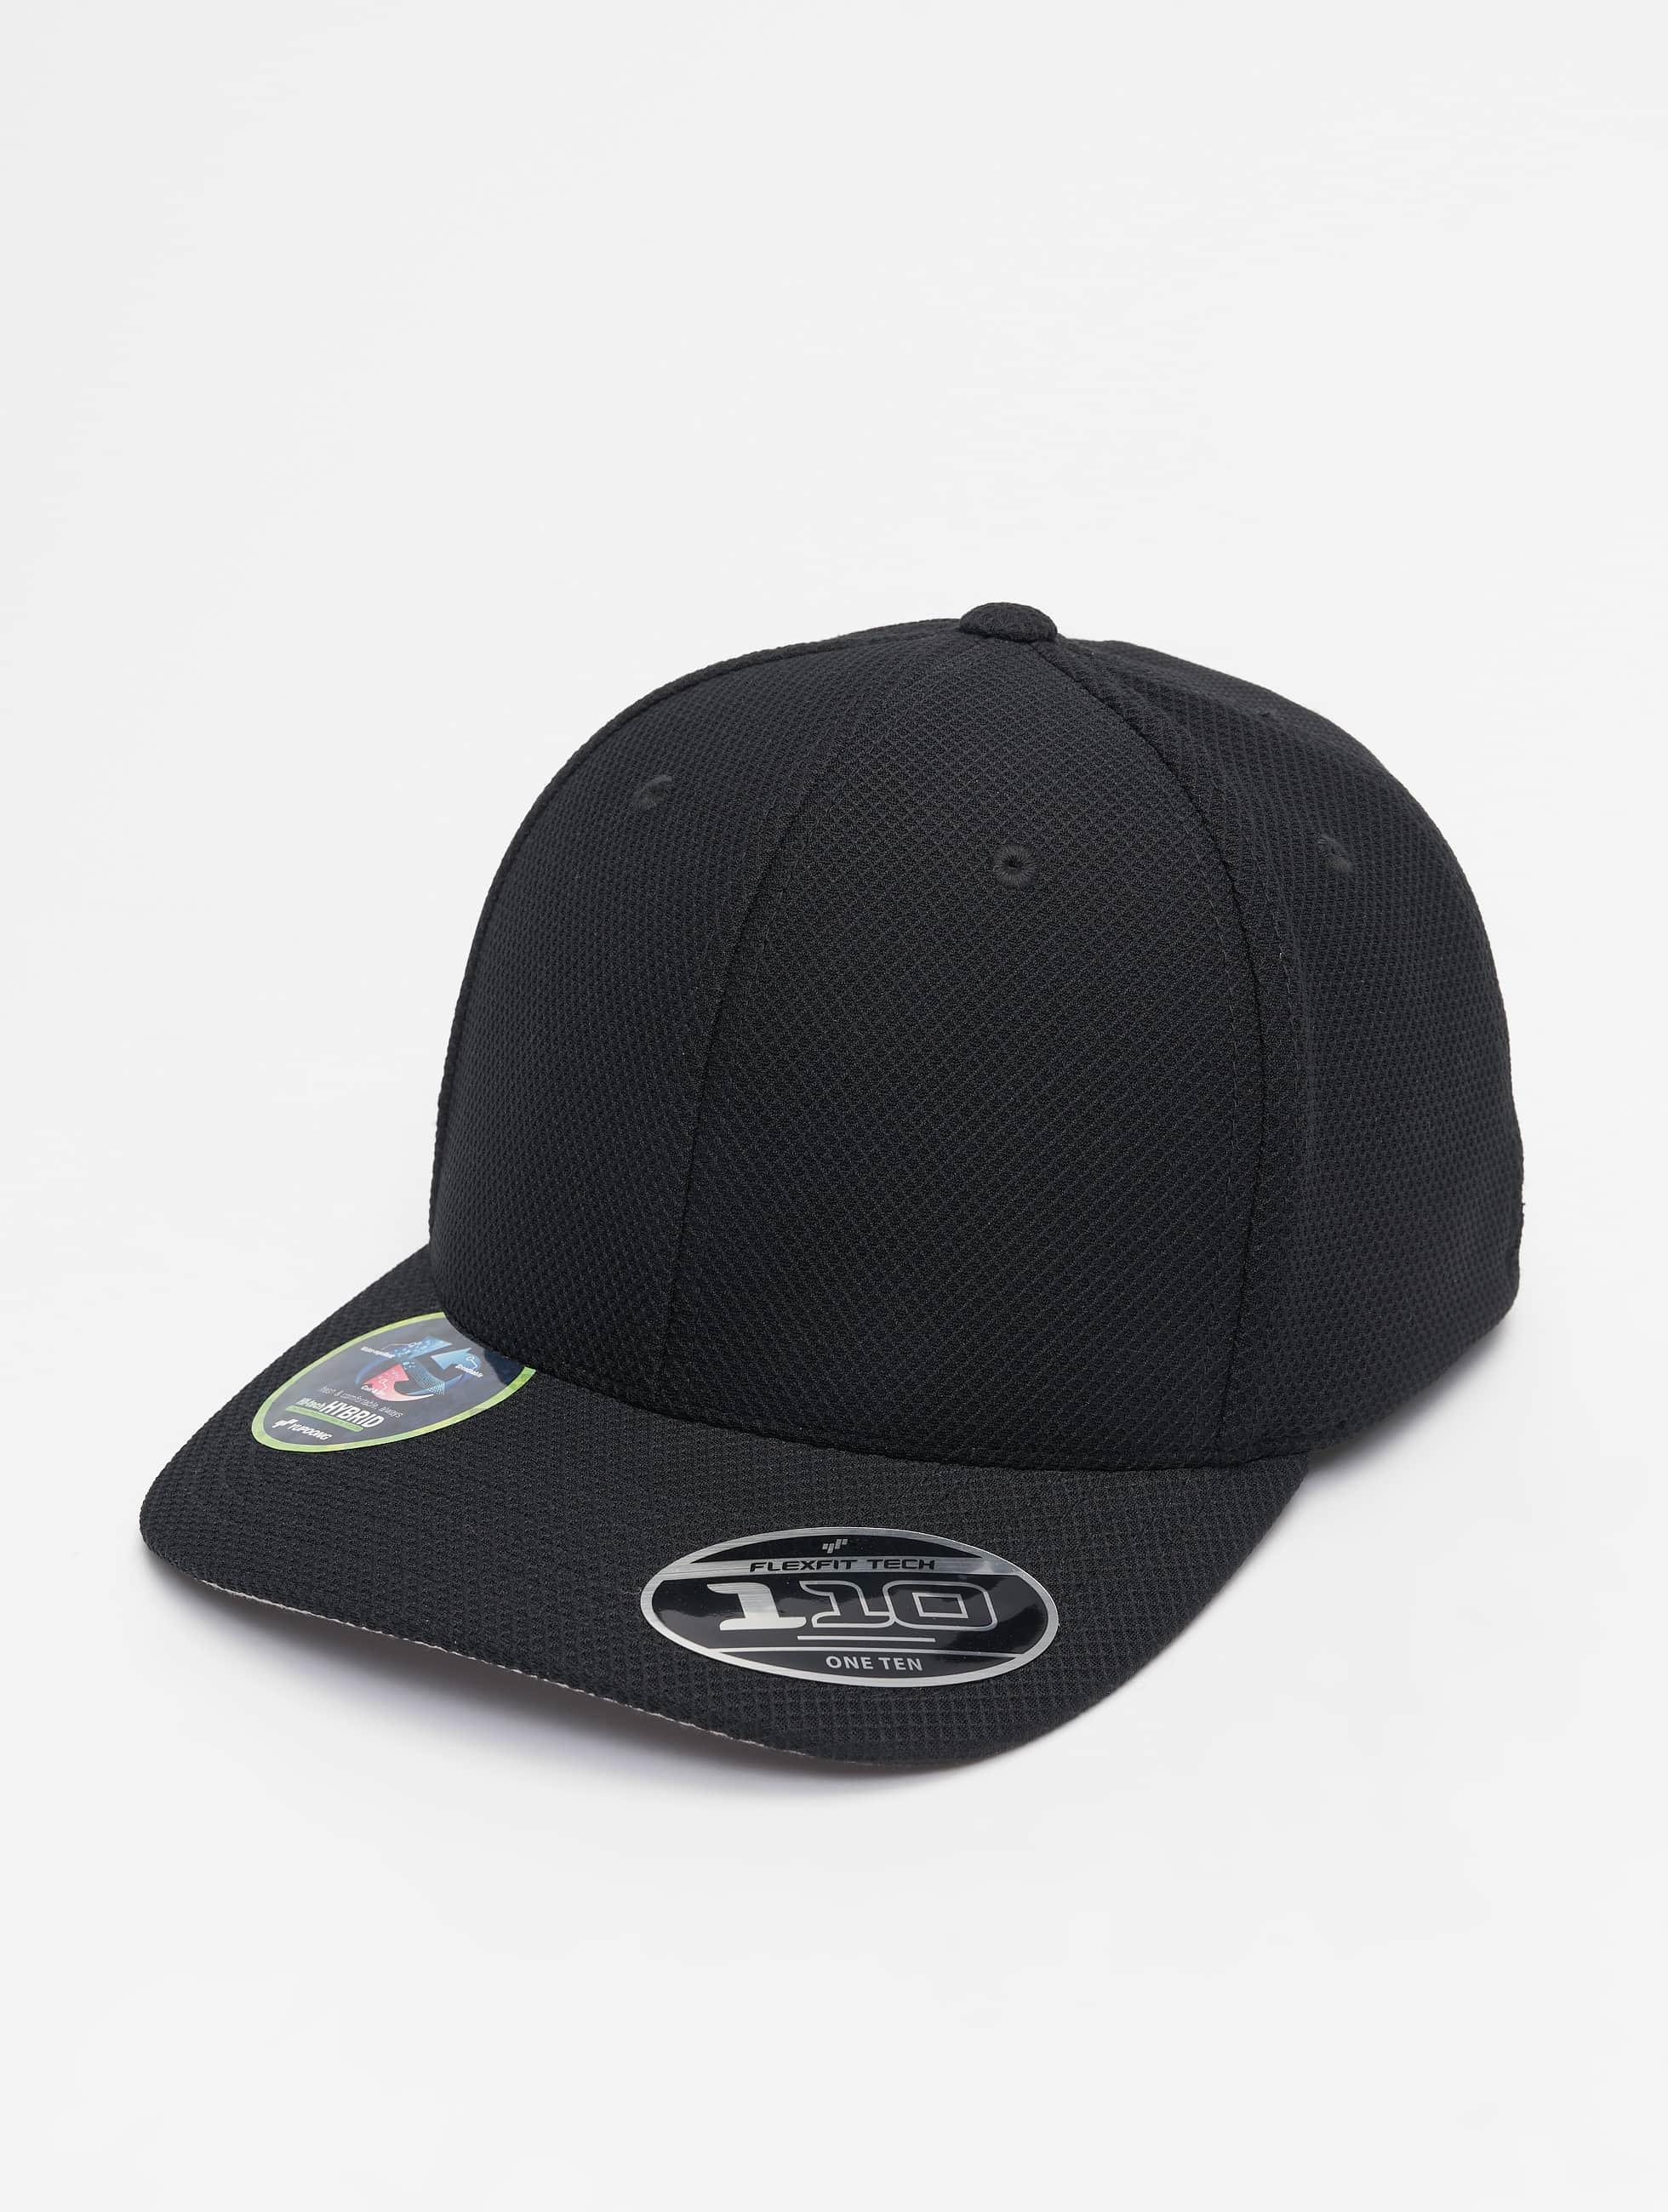 Flexfit | 110 Velcro Hybrid noir Homme,Femme Casquette Snapback & Strapback